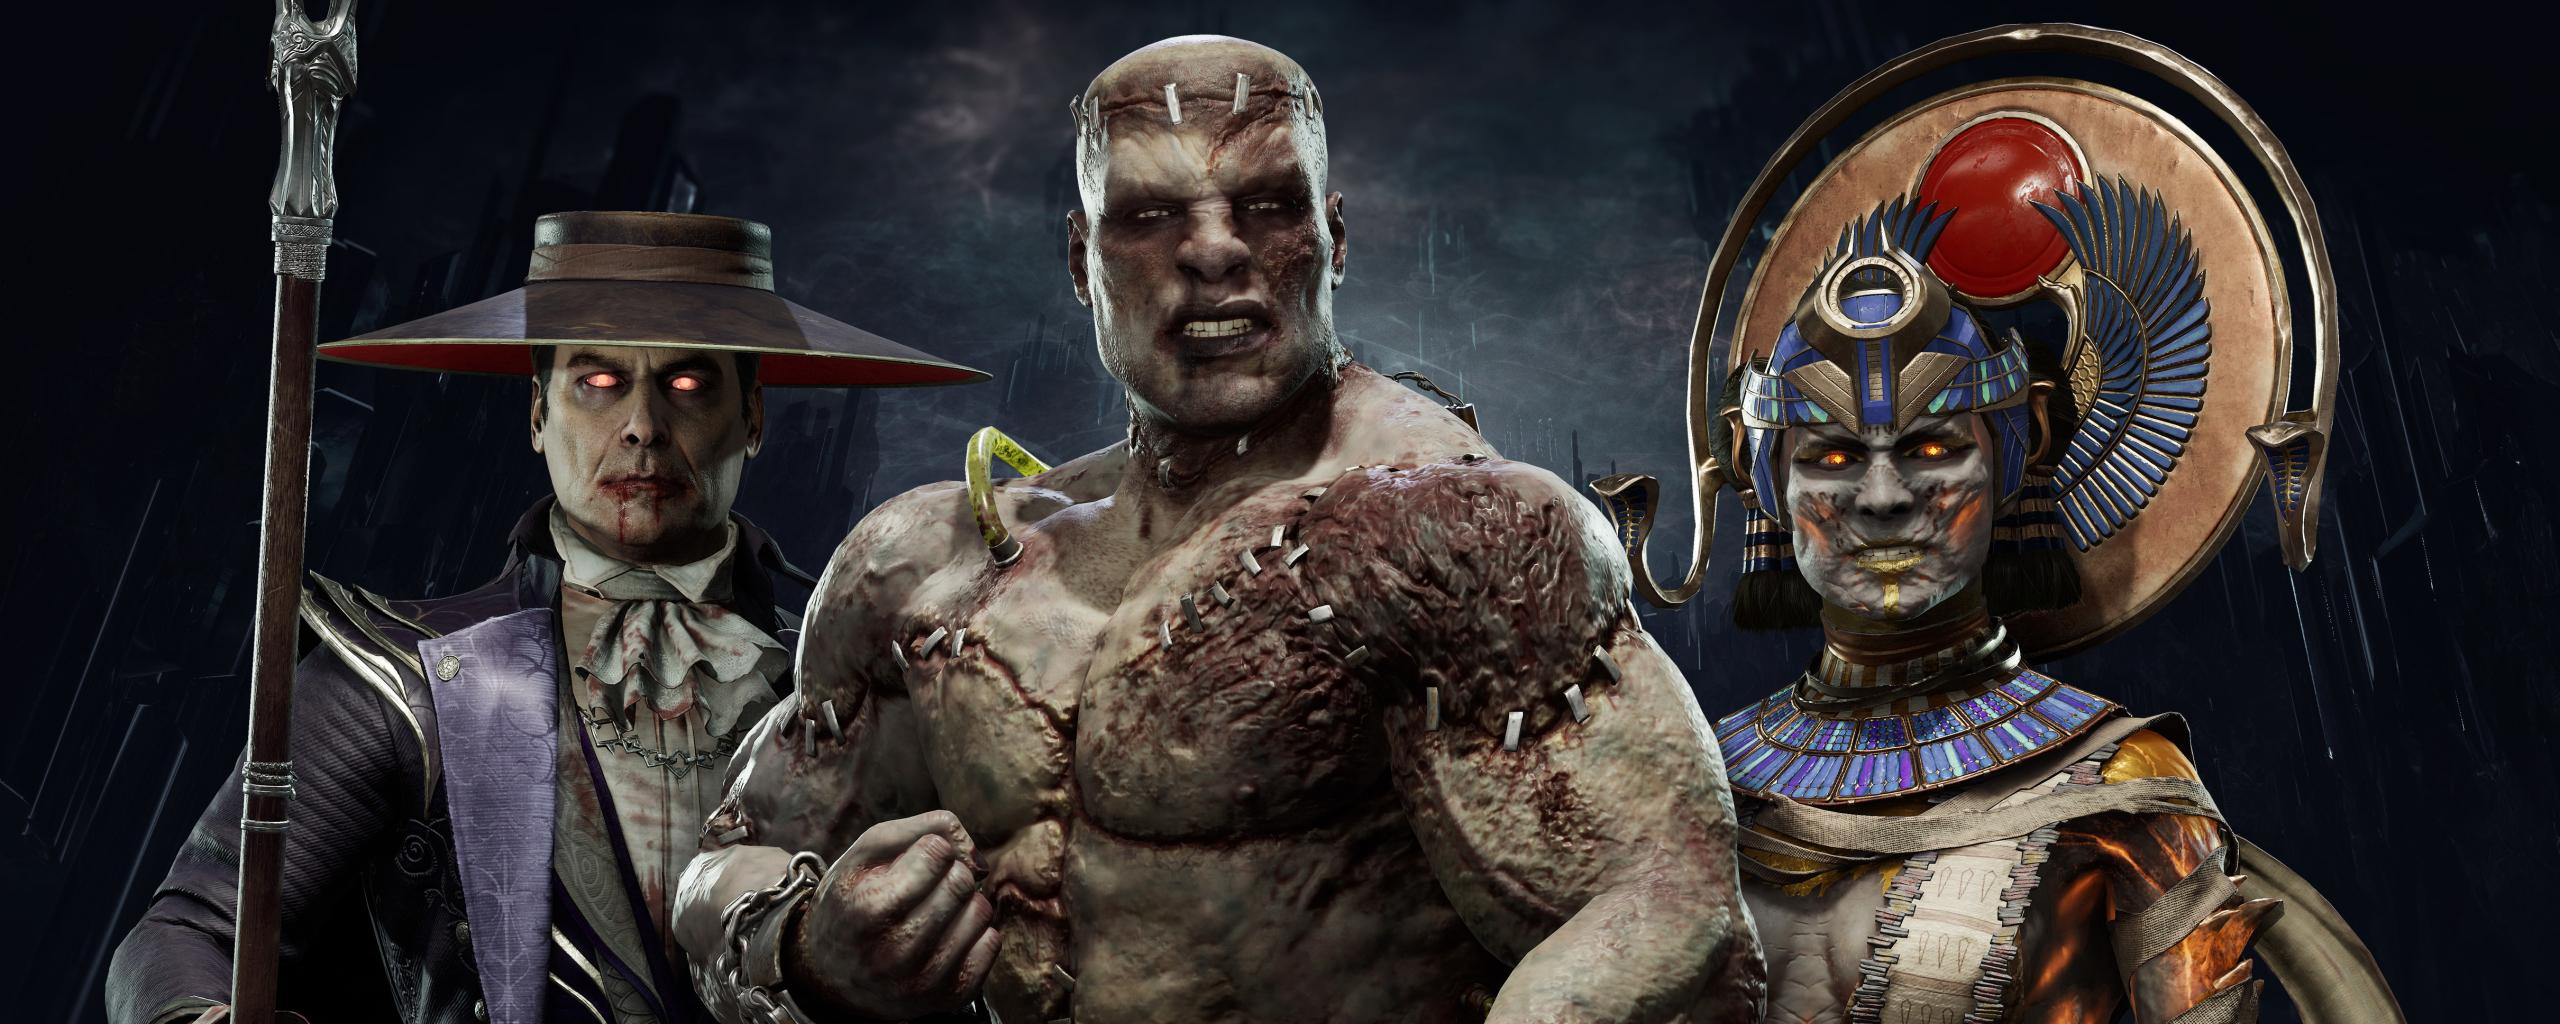 2560x1024 4k Mortal Kombat 11 2560x1024 Resolution Wallpaper